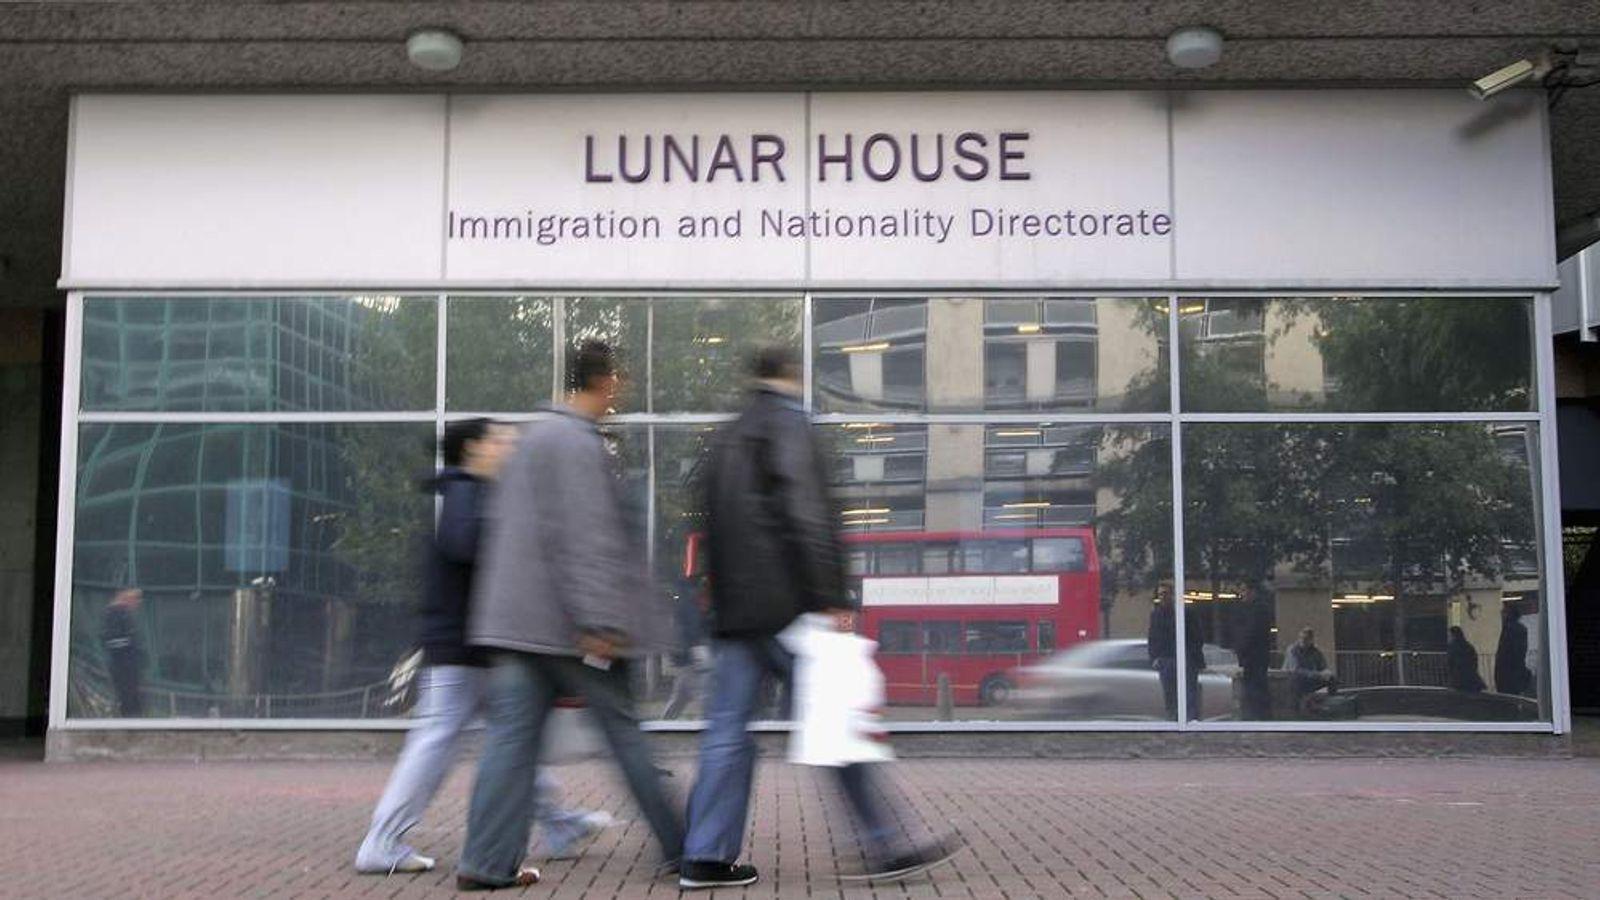 Lunar House Immigration Centre